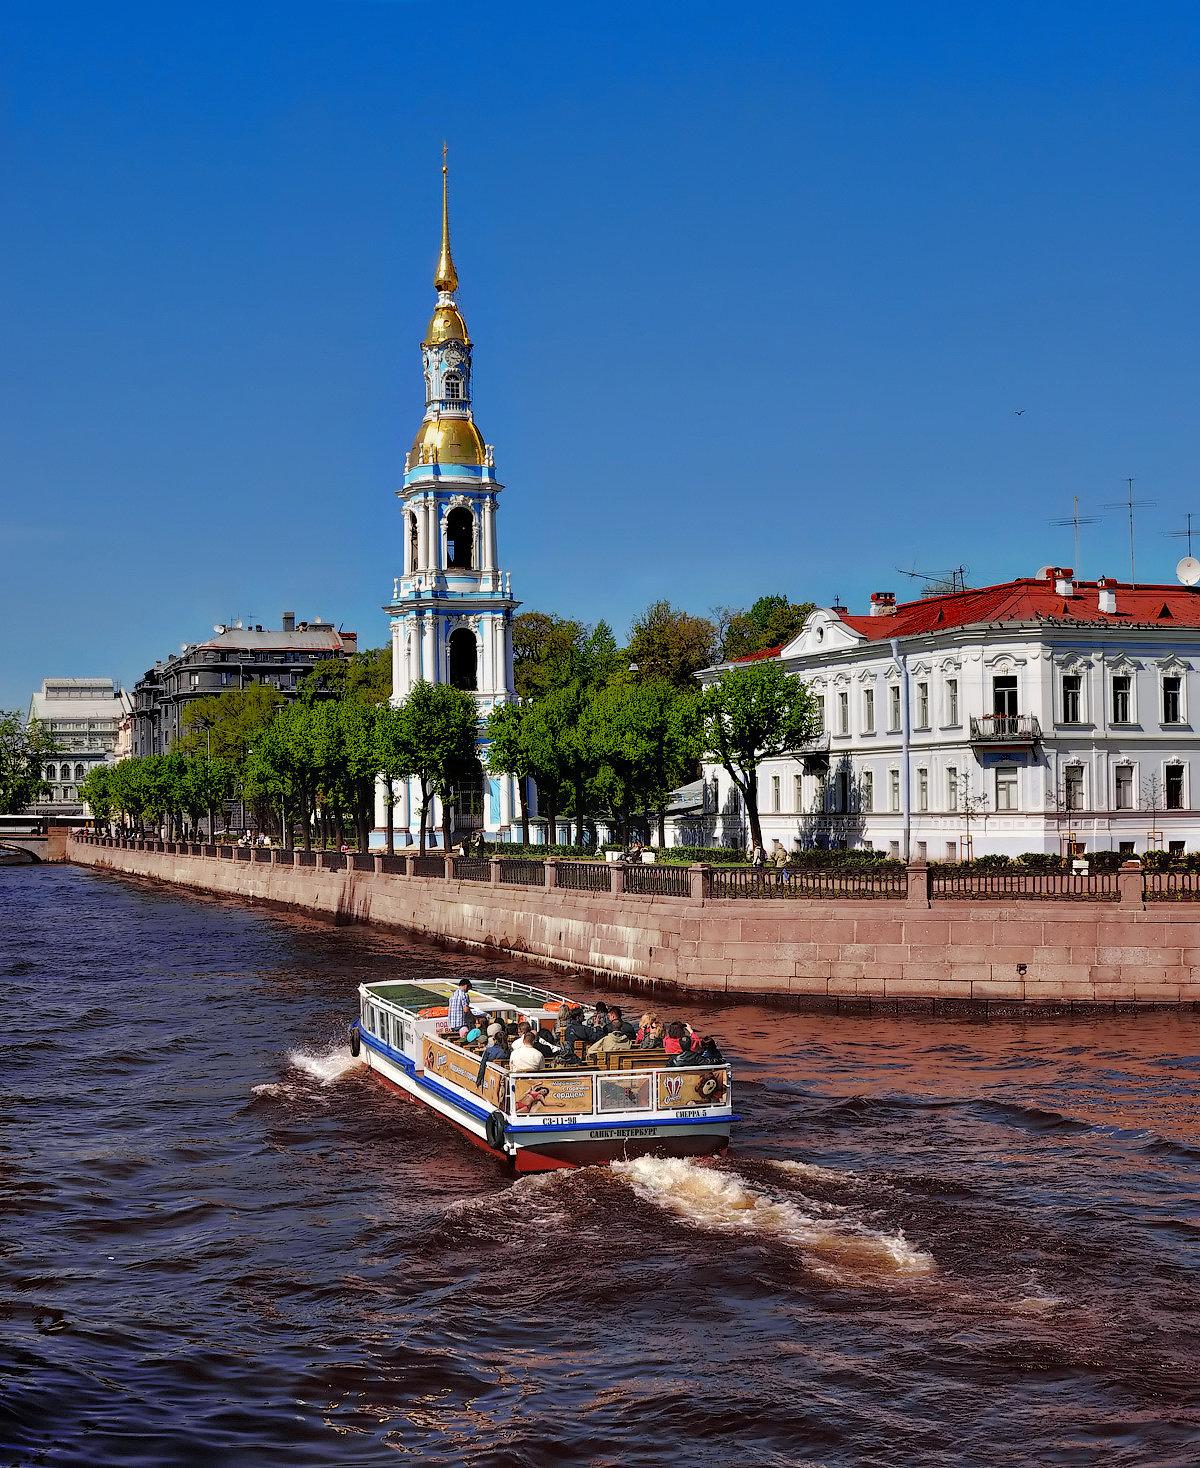 боковом расположении, фото колокольня никольского собора основном